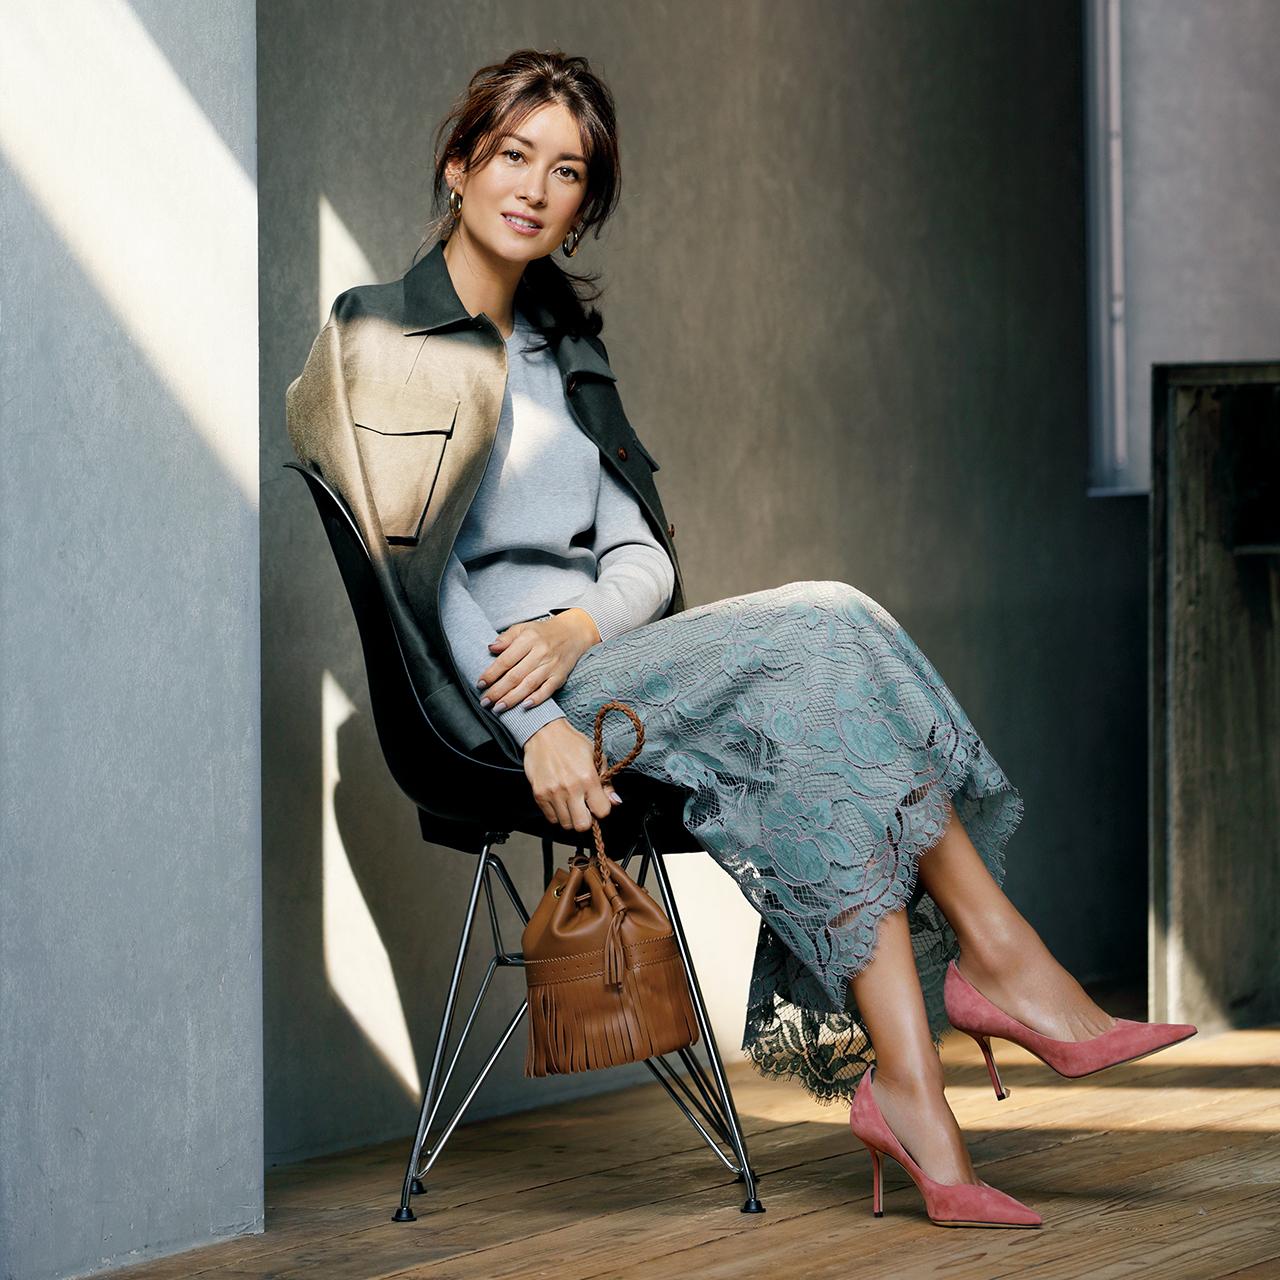 ジャケット×レーススカート×サーモンピンクのヒールパンプスコーデを着たモデルのブレンダさん